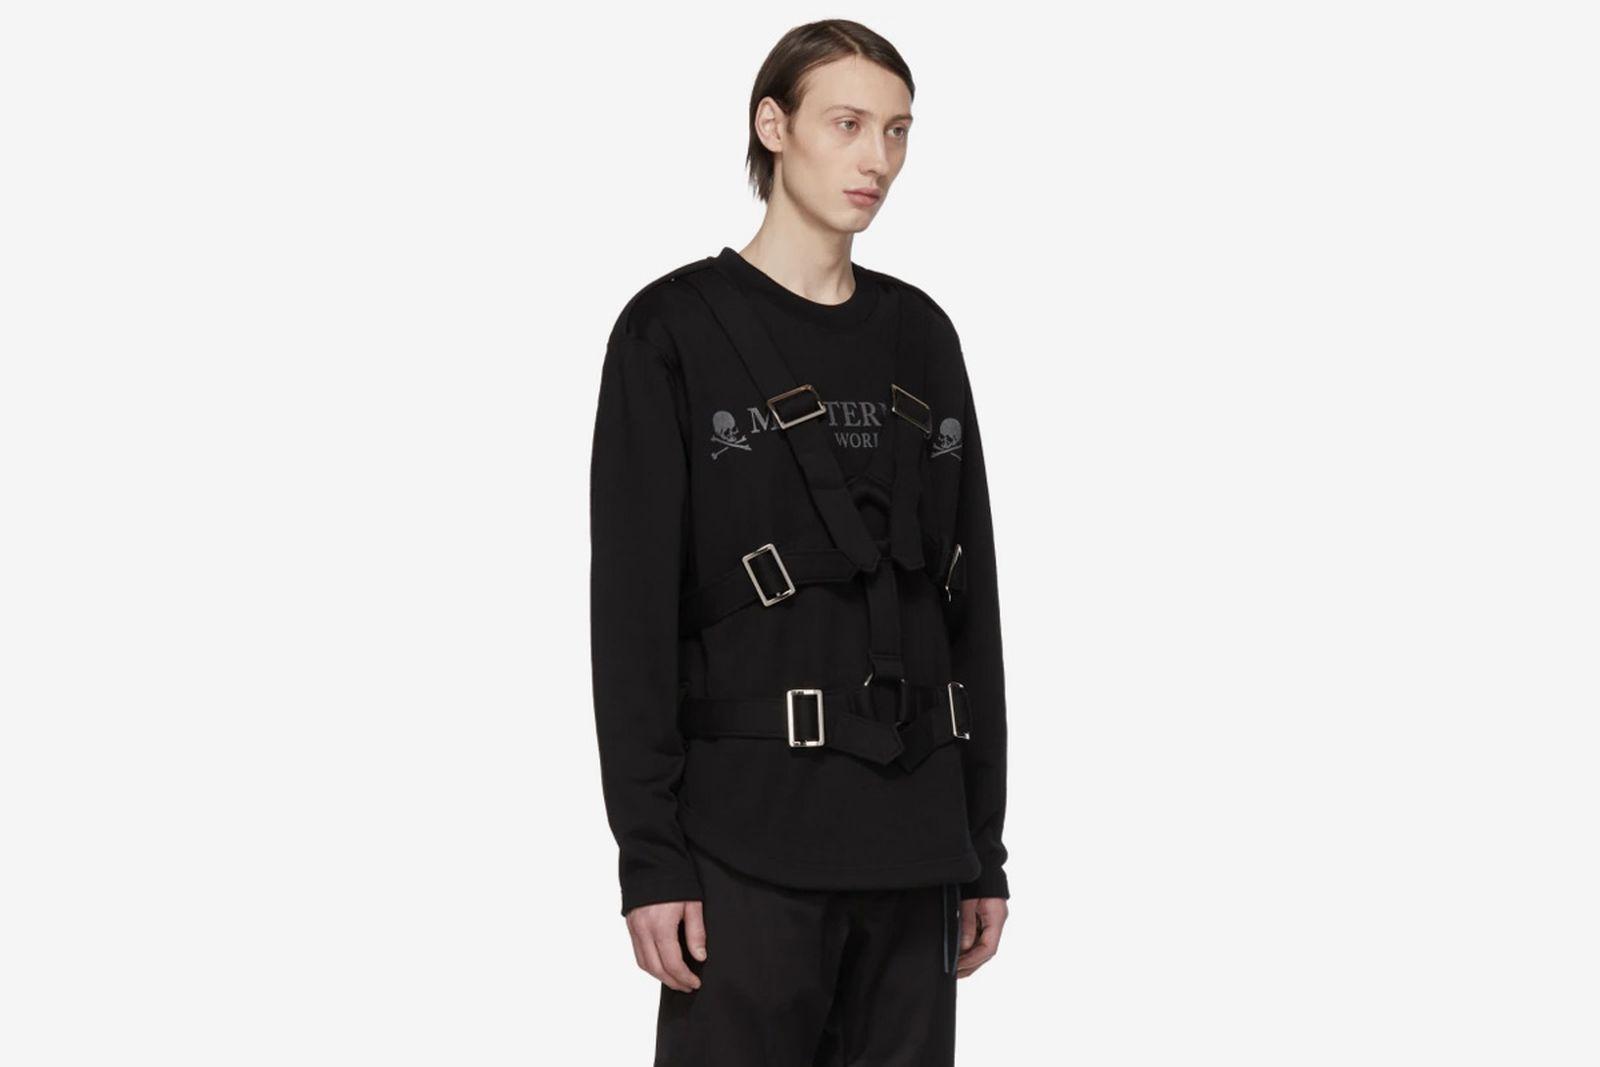 mastermind world black straps sweatshirt ssense